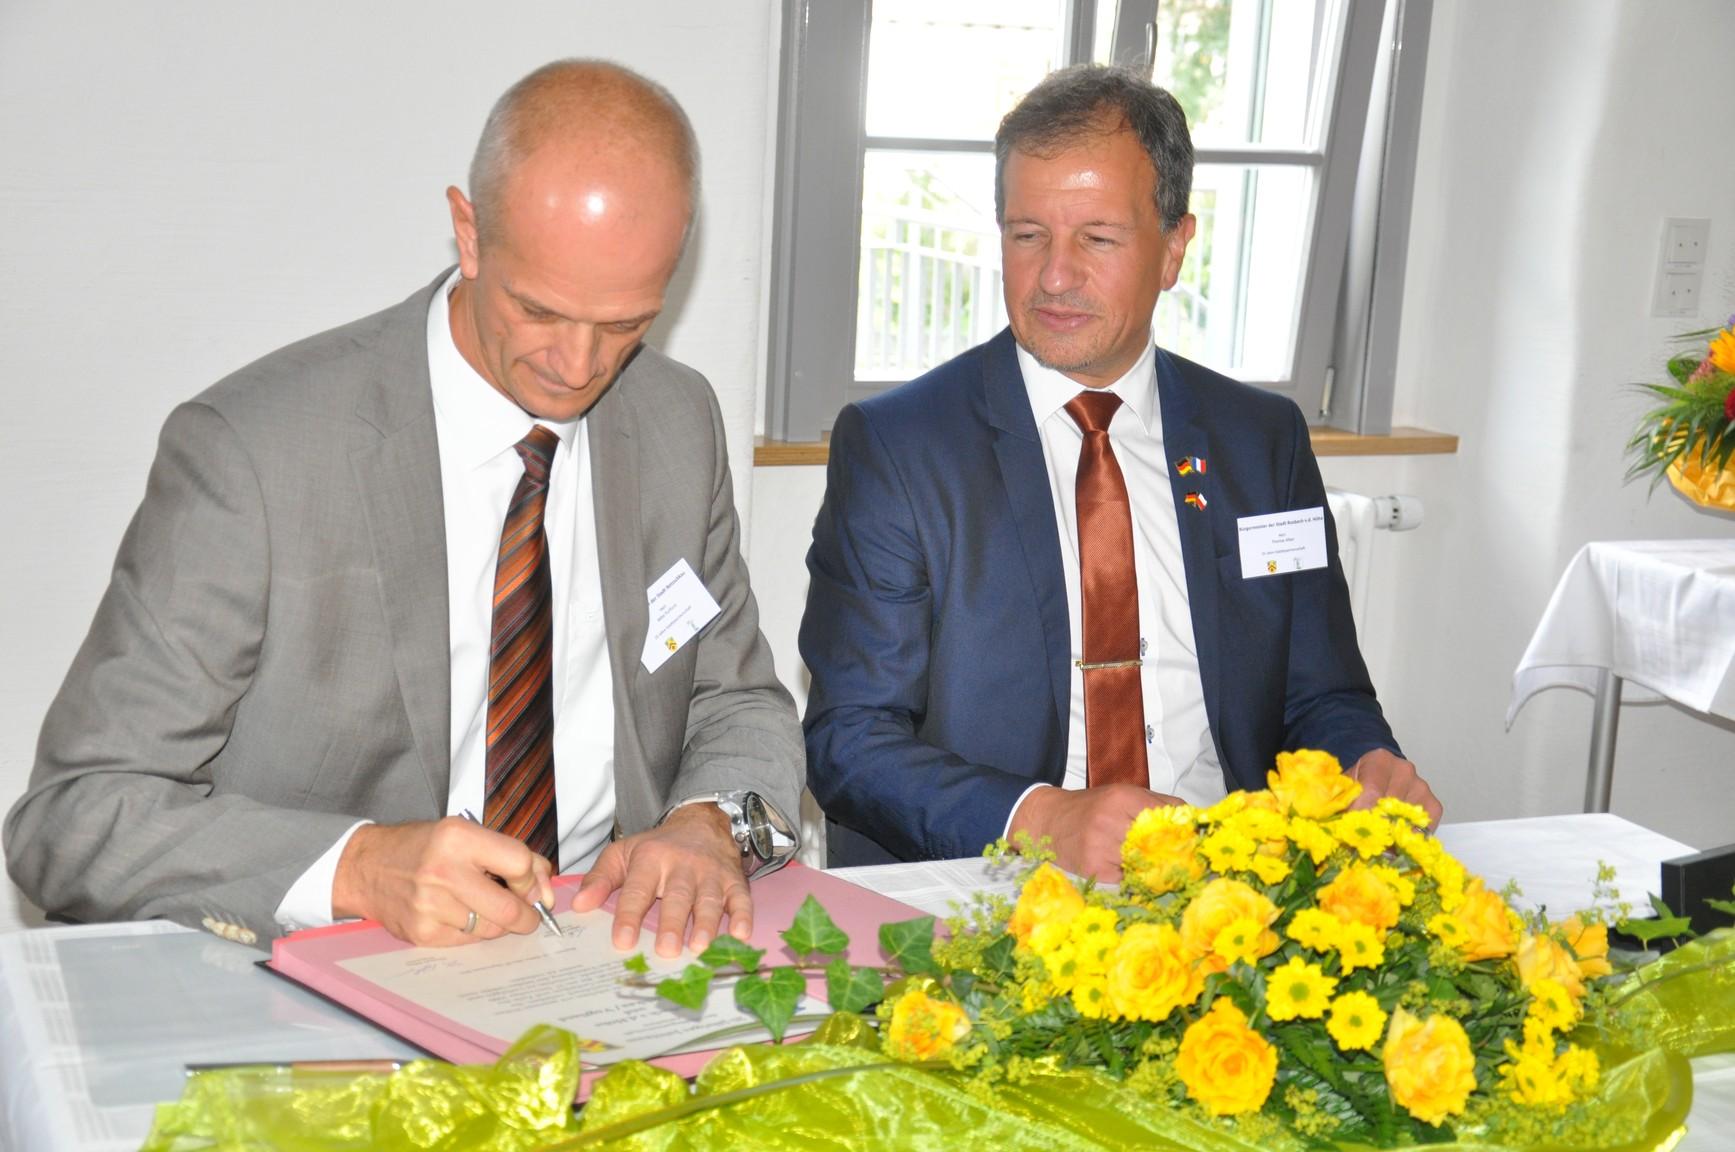 Bürgermeister Thomas Alber (rechts) und Mike Purfürst (links) beim unterzeichnen der Urkunde.